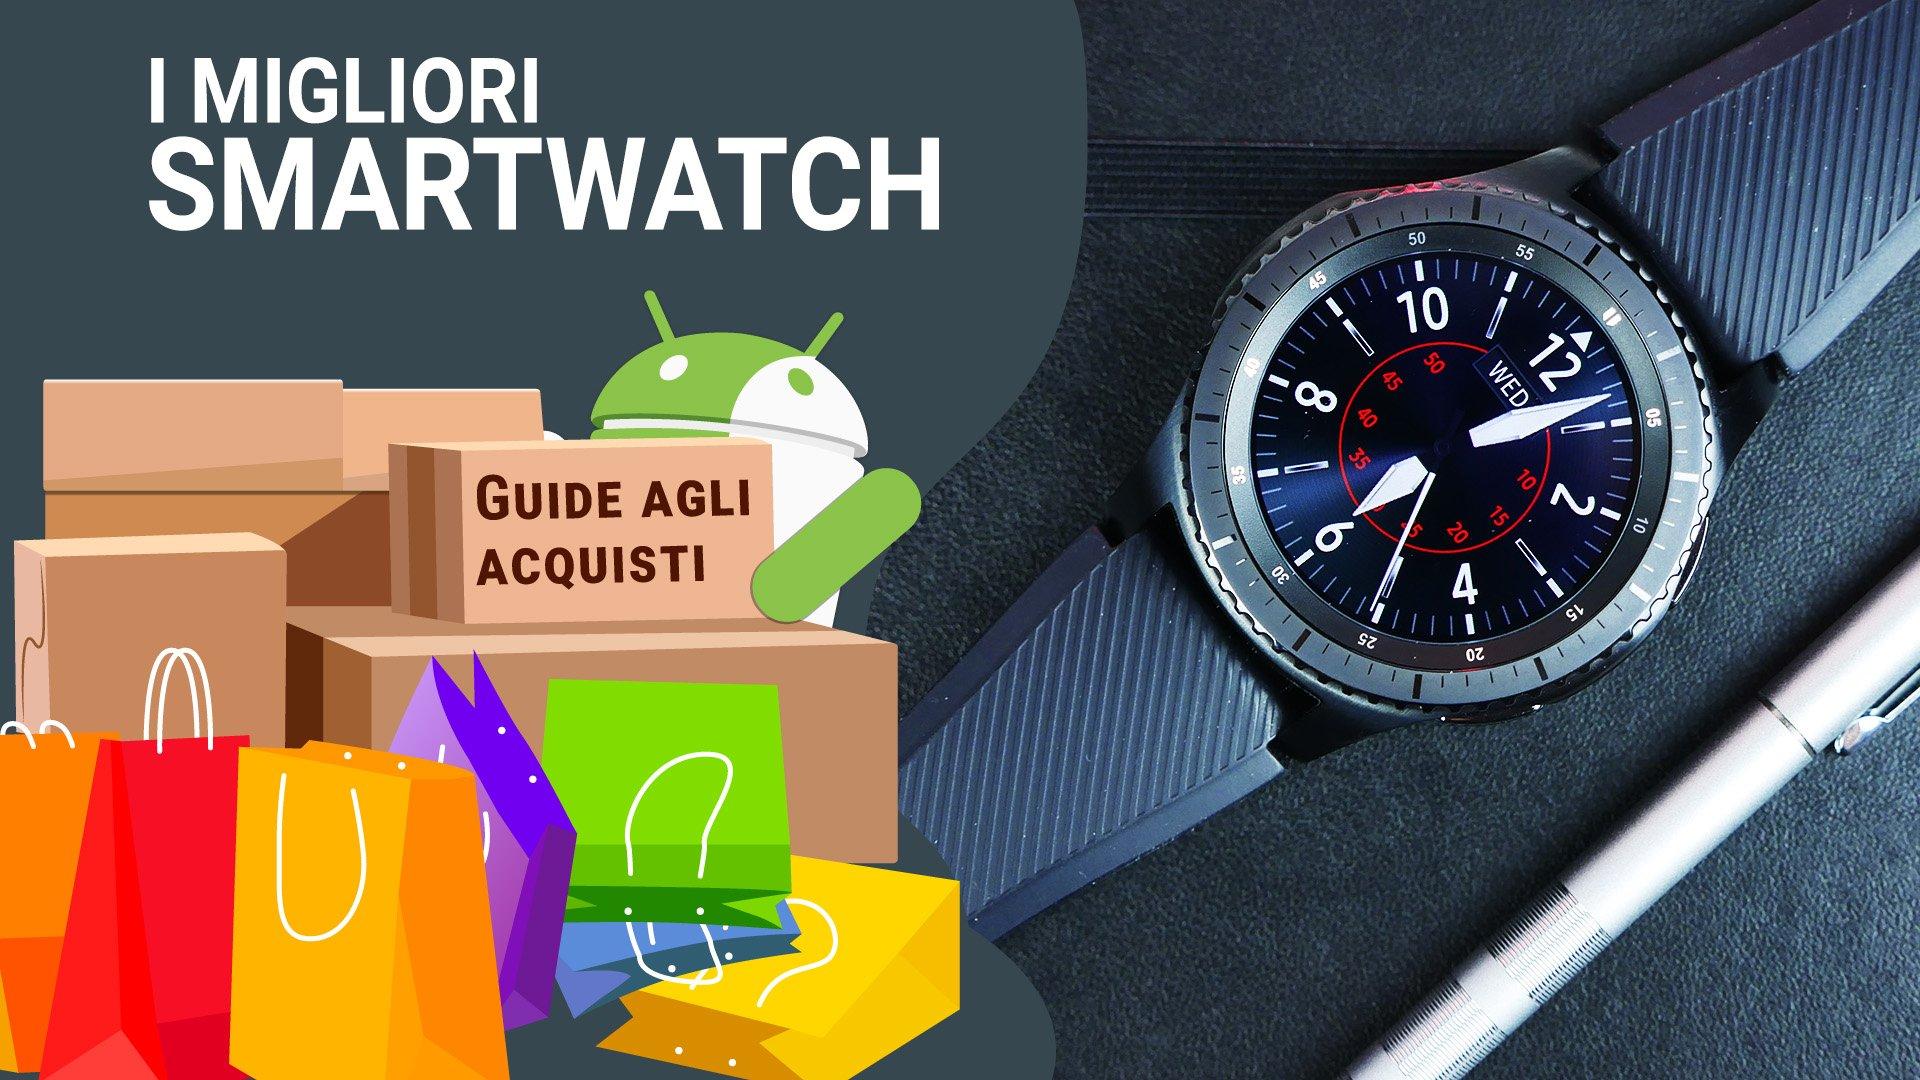 Migliori smartwatch con e senza Wear OS | Novembre 2019